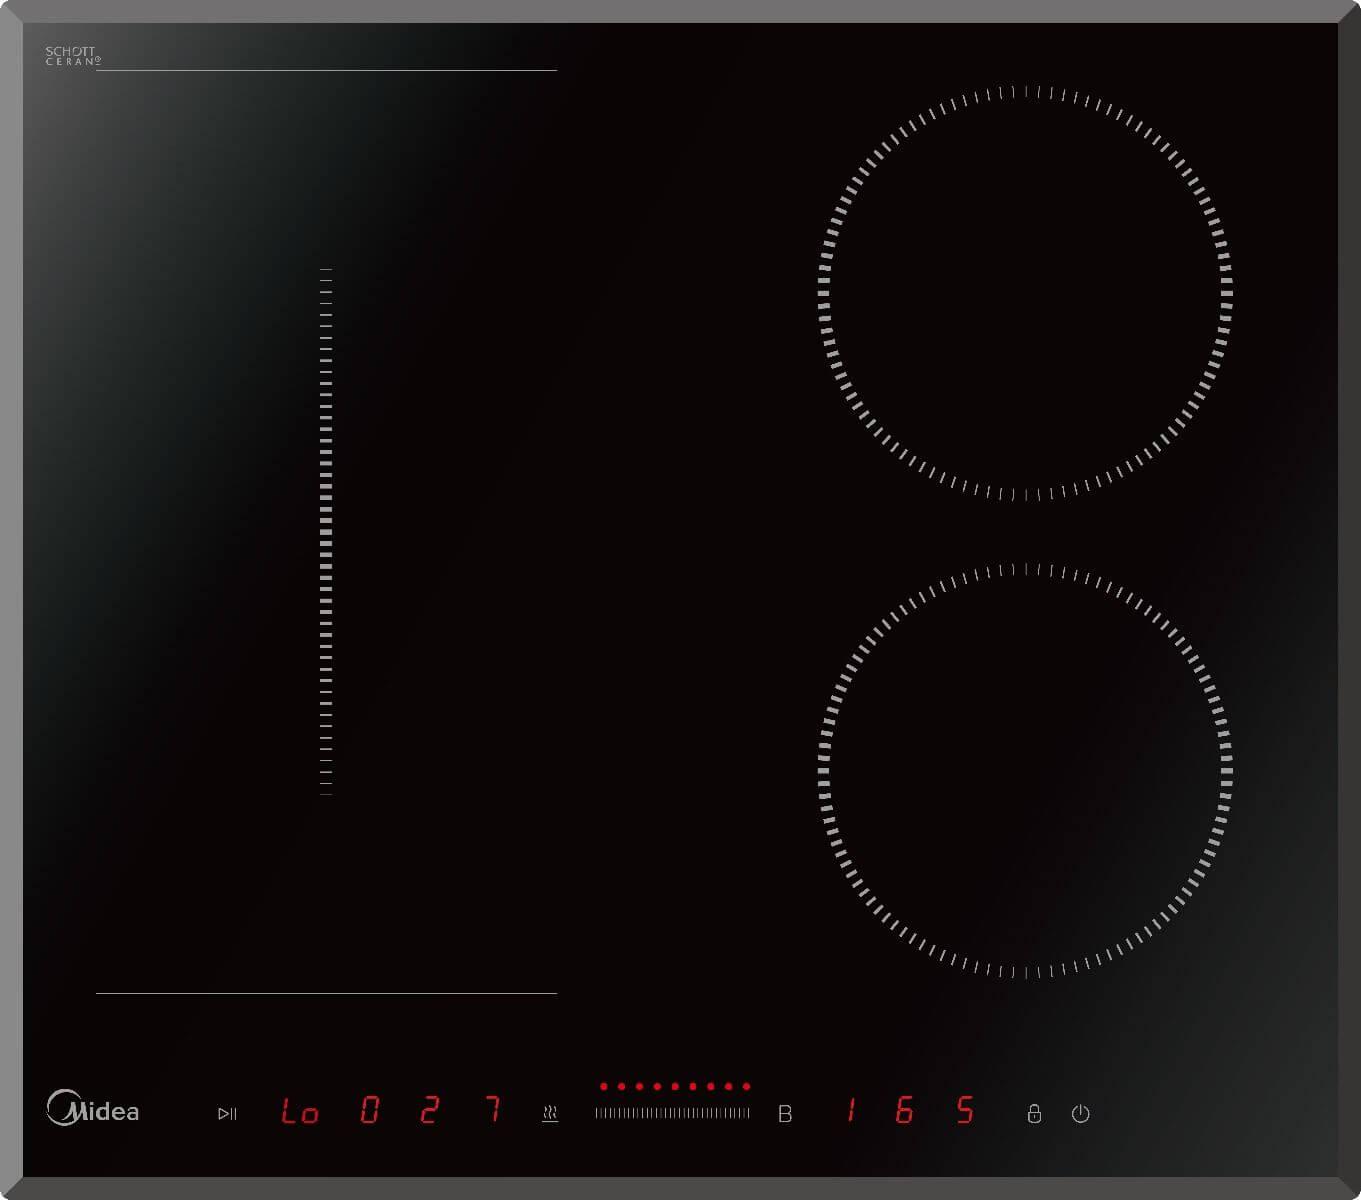 Индукционная варочная панель Midea MIH65722F фото